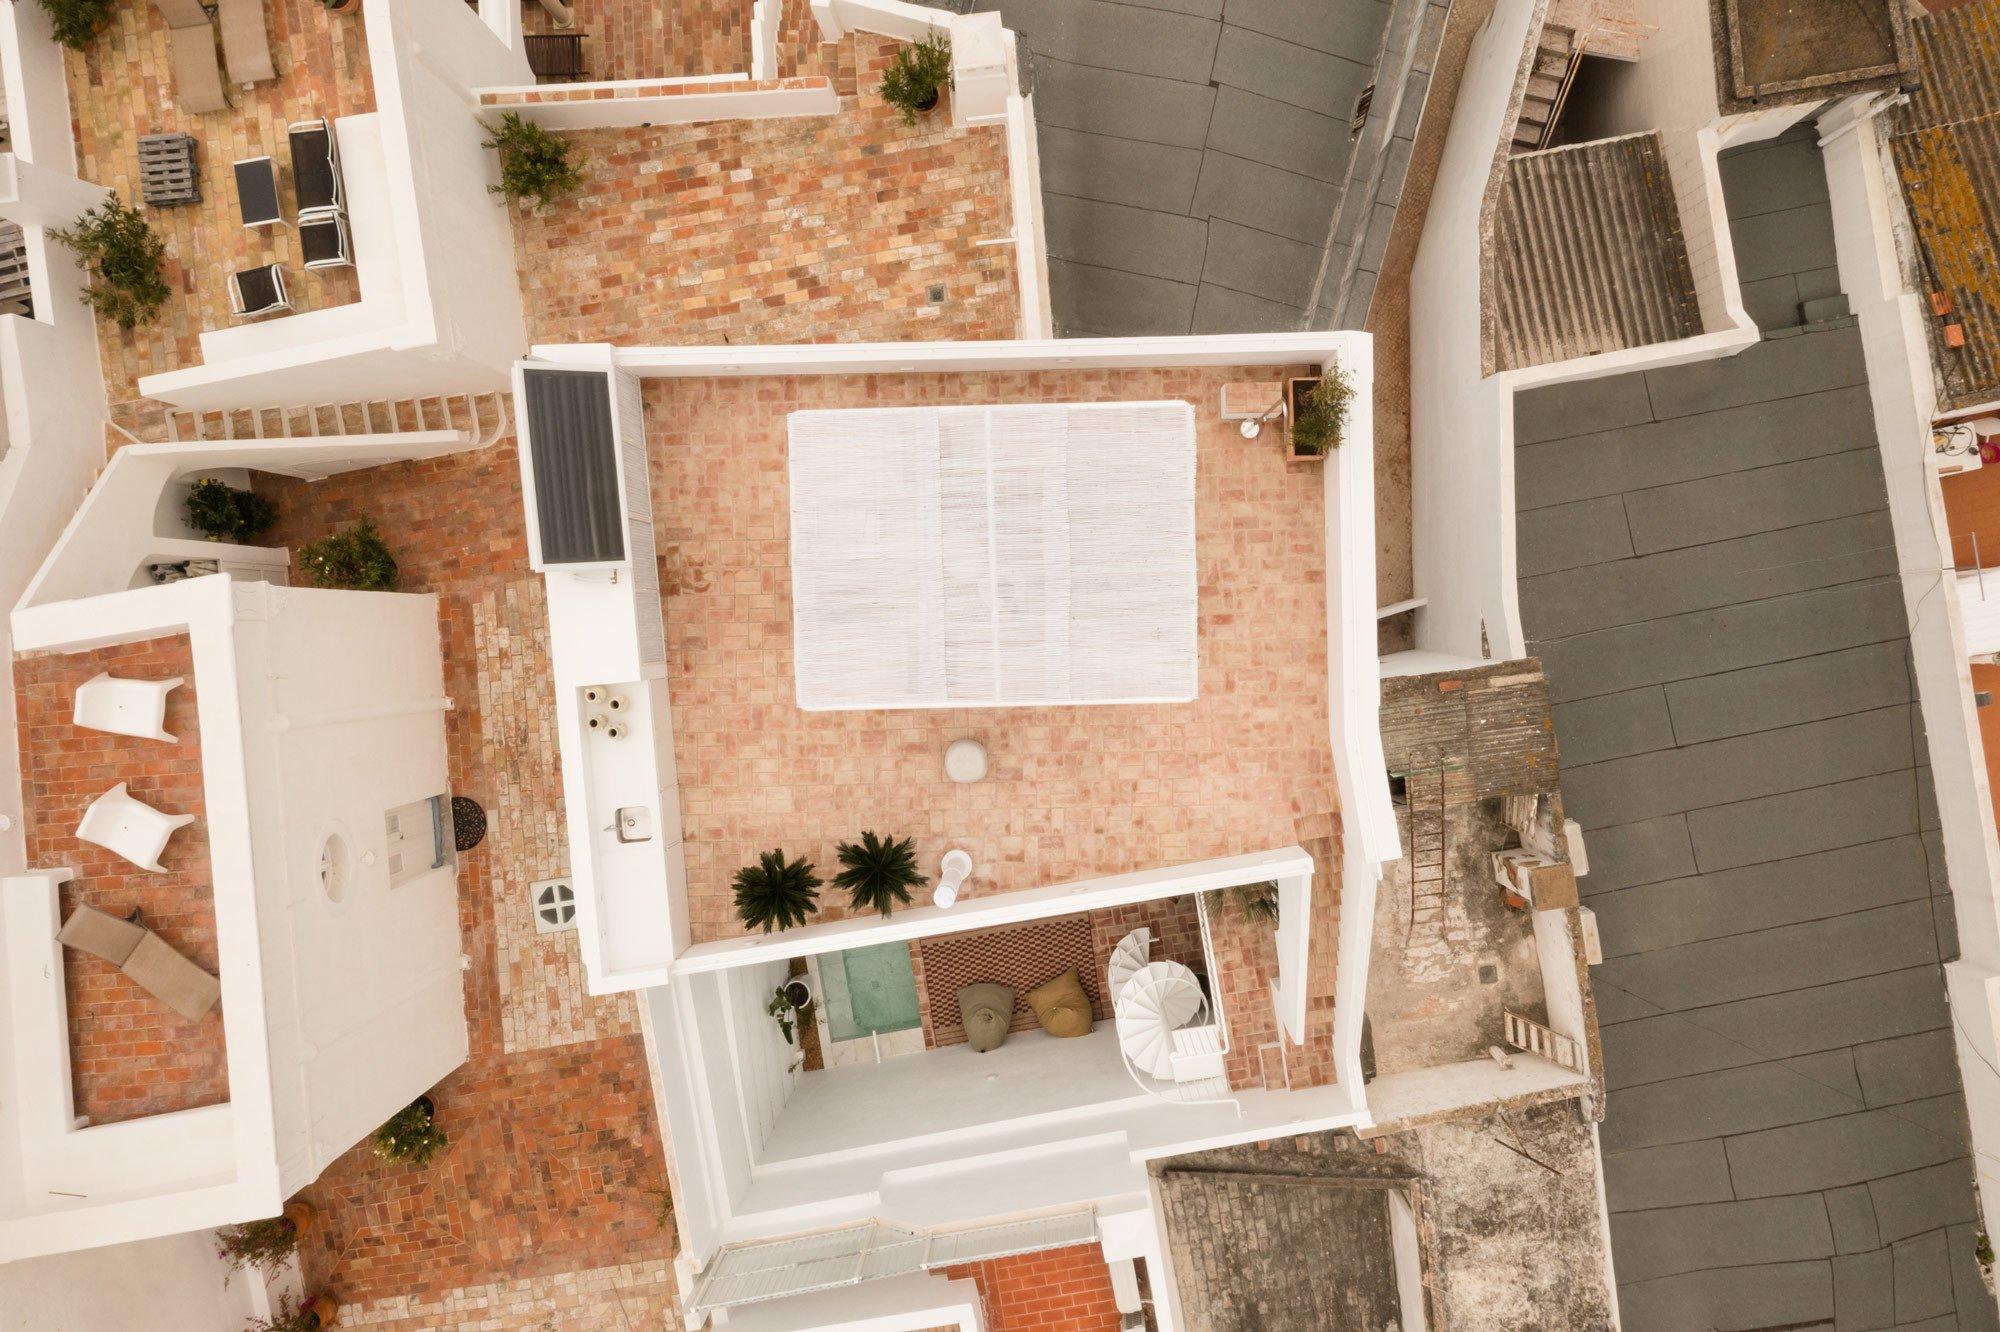 Aus der Vogelperspektive ist die verschachtelte Architektur der 15 000 Einwohner-Stadt an der Algarveküste besonders gut zu erkennen.